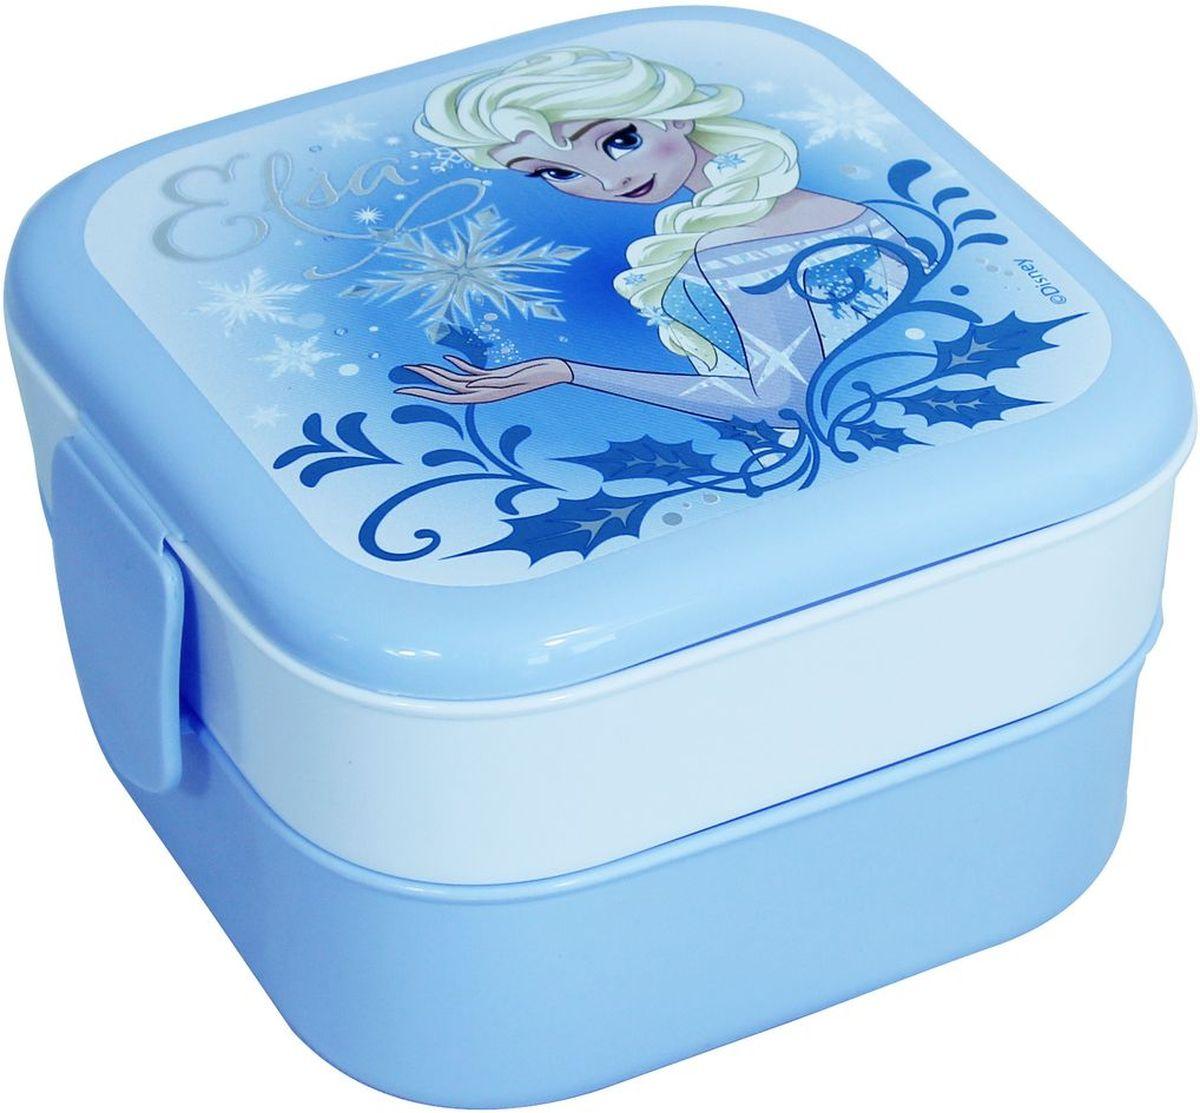 Контейнер Idea Disney. Холодное сердце, 2 секции, цвет: голубой контейнер для хранения idea океаник цвет голубой 20 л